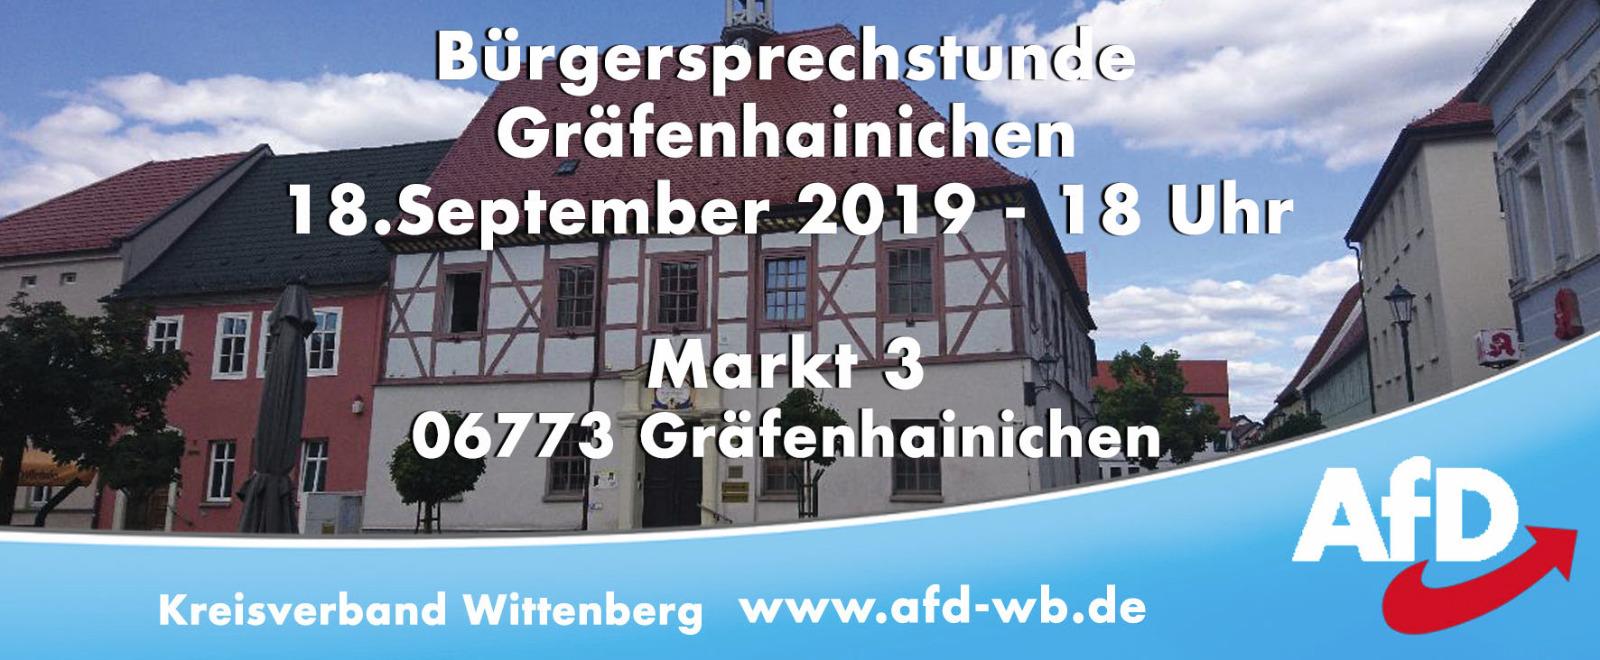 Bürgersprechstunde Gräfenhainichen @ Markt 3